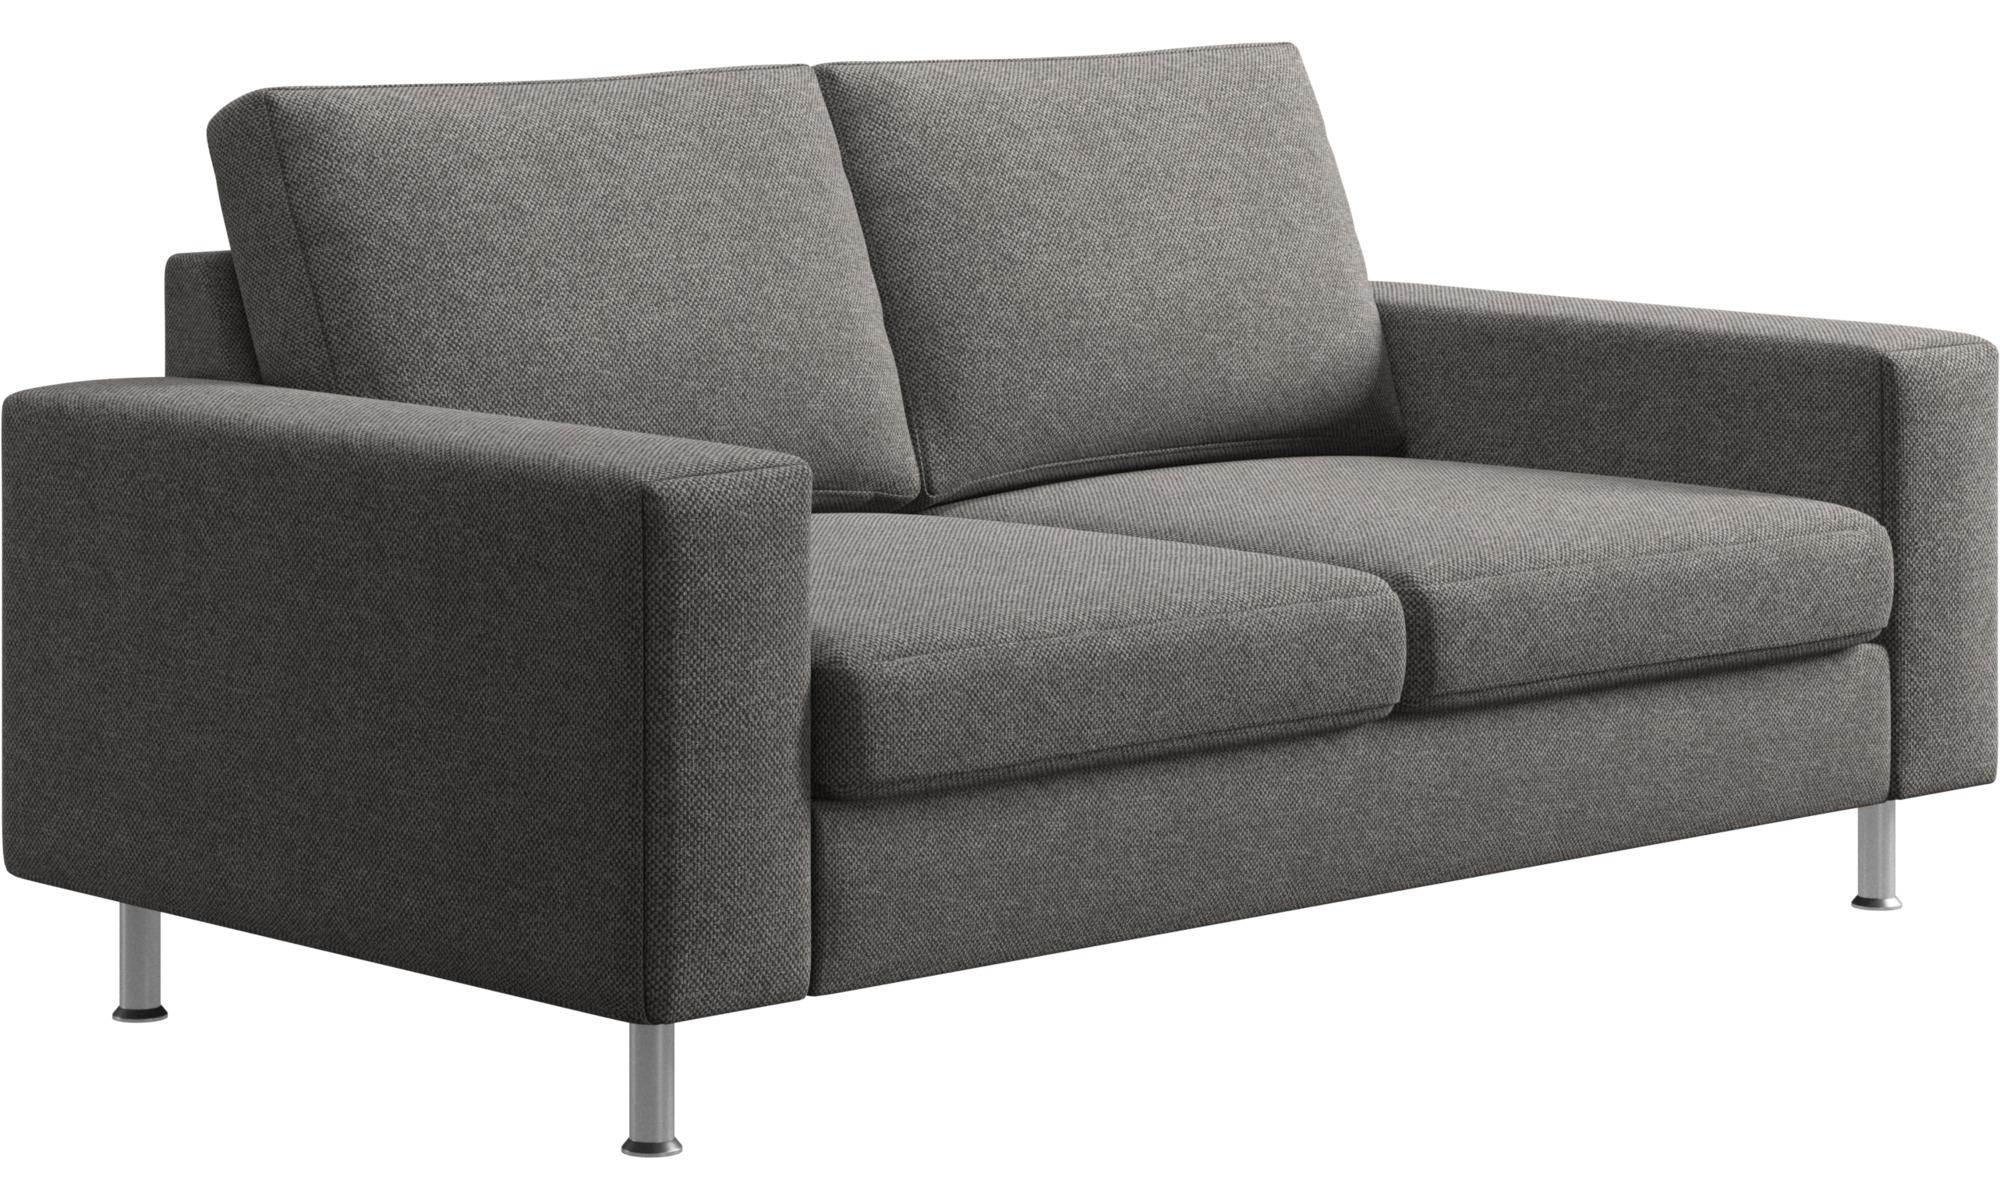 2 Seater Sofas Indivi 2 Sofa Boconcept